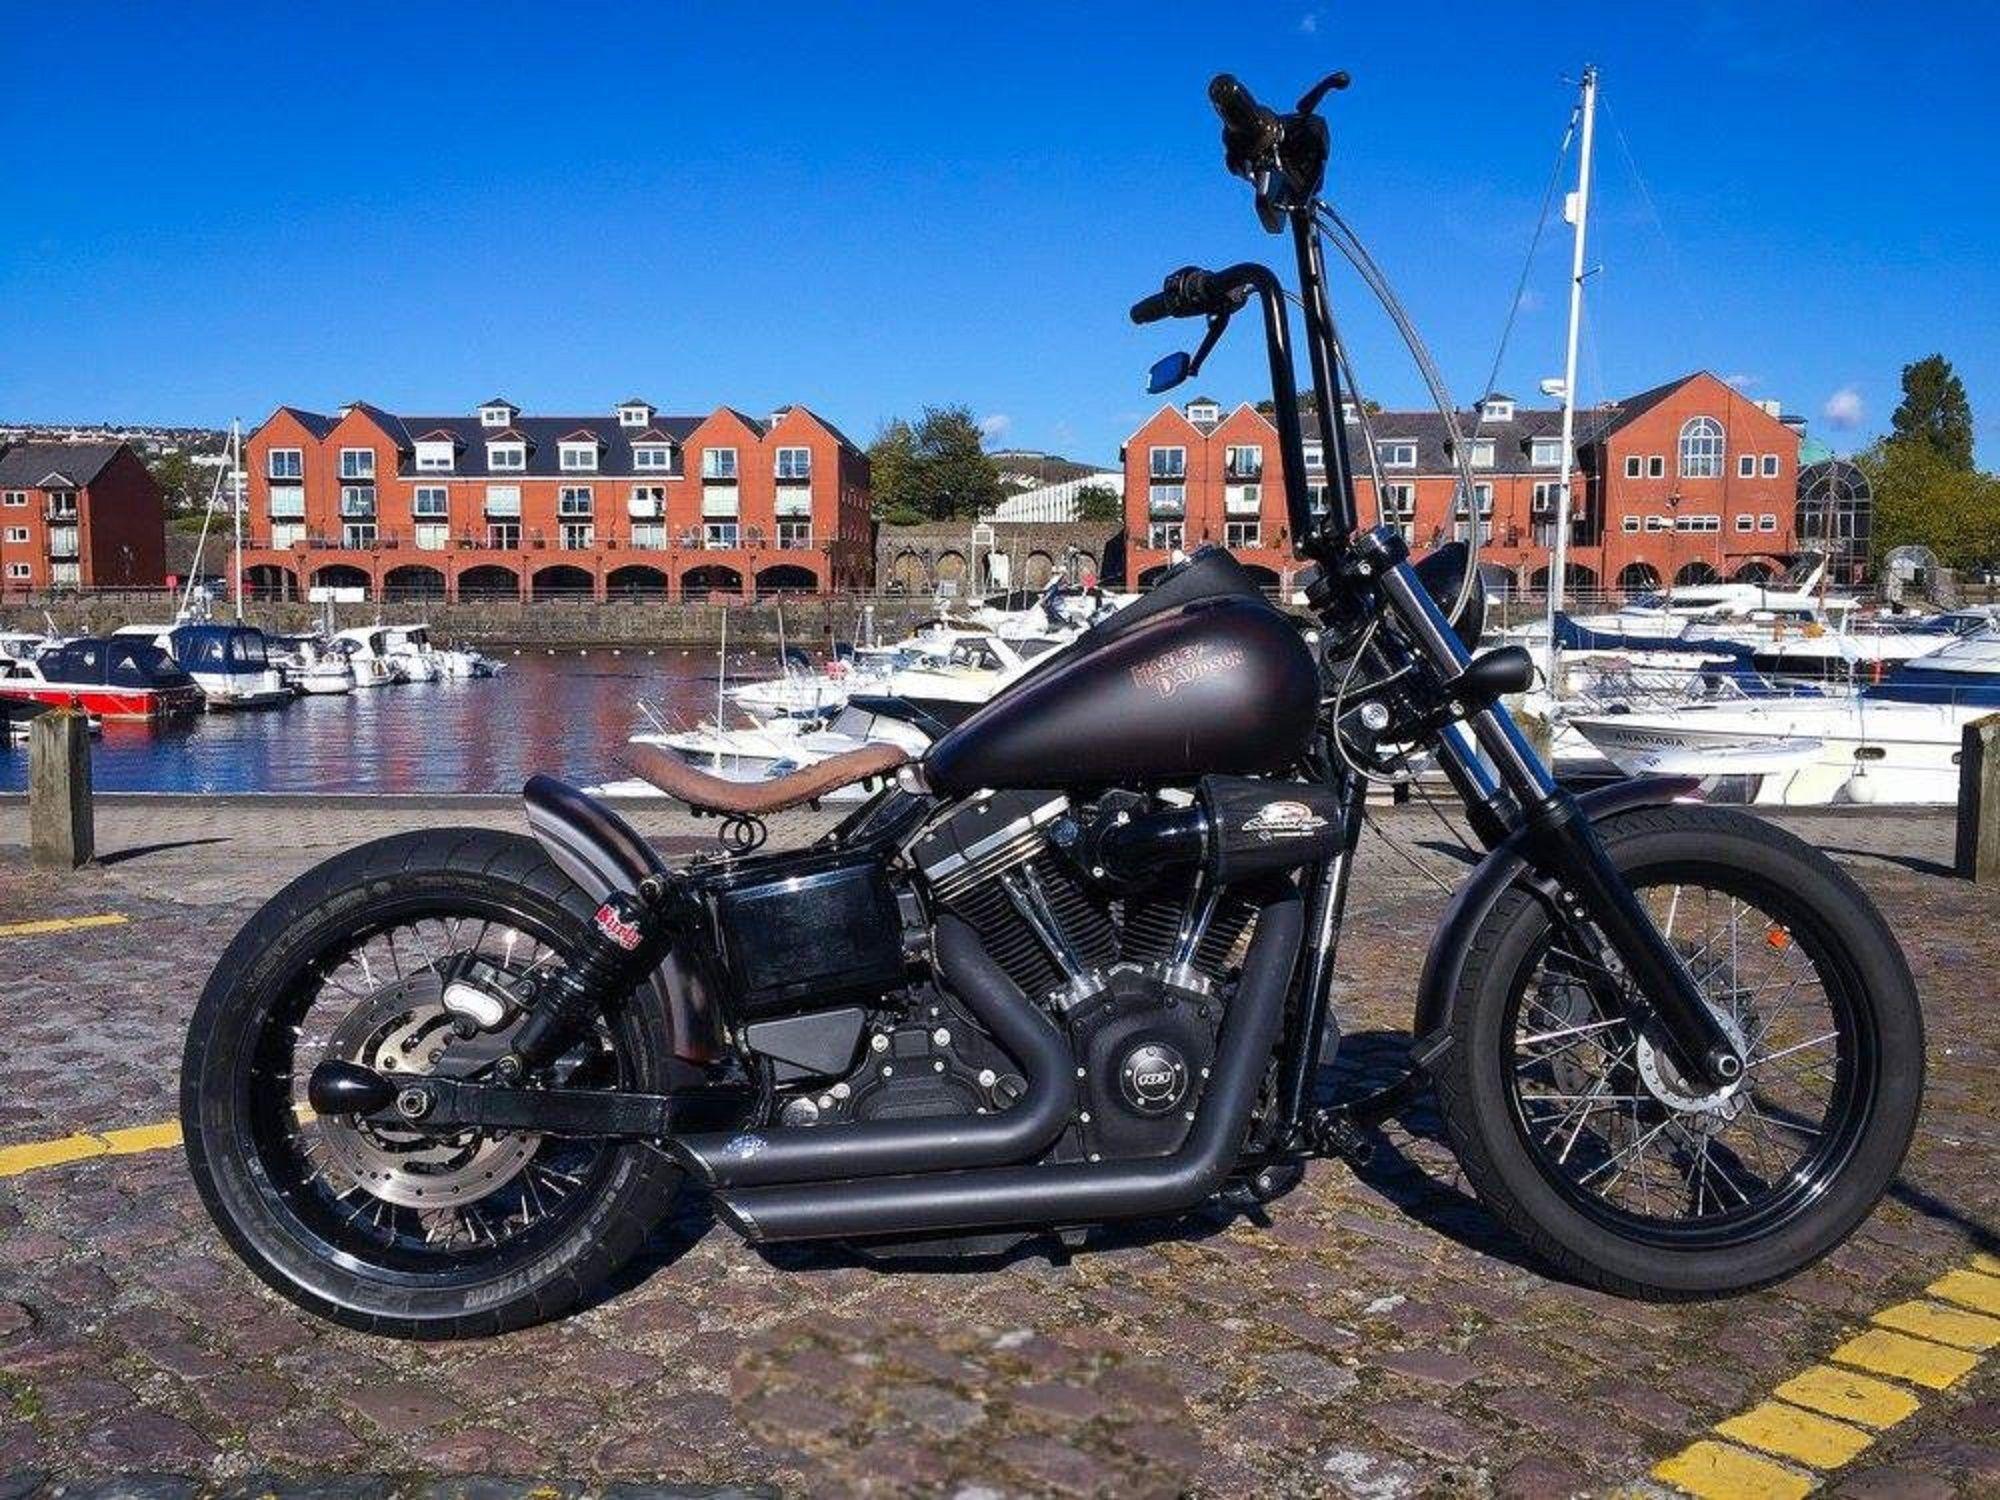 2013 Harley-Davidson Dyna Street Bob 1690cc Custom, recently being ...